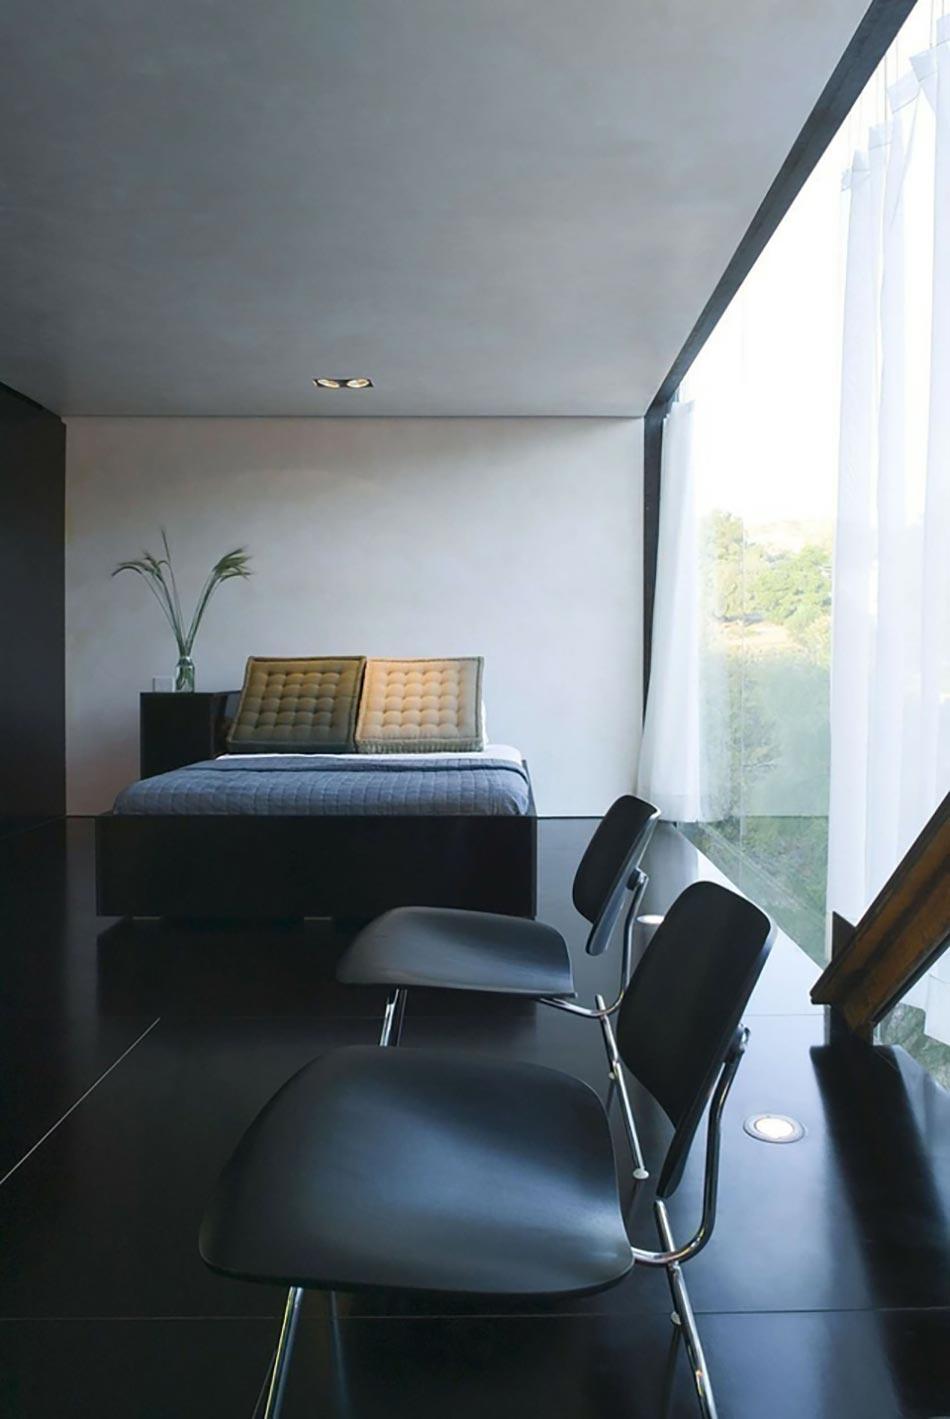 Lumi re sur la chambre design moderne - Chambre moderne design ...